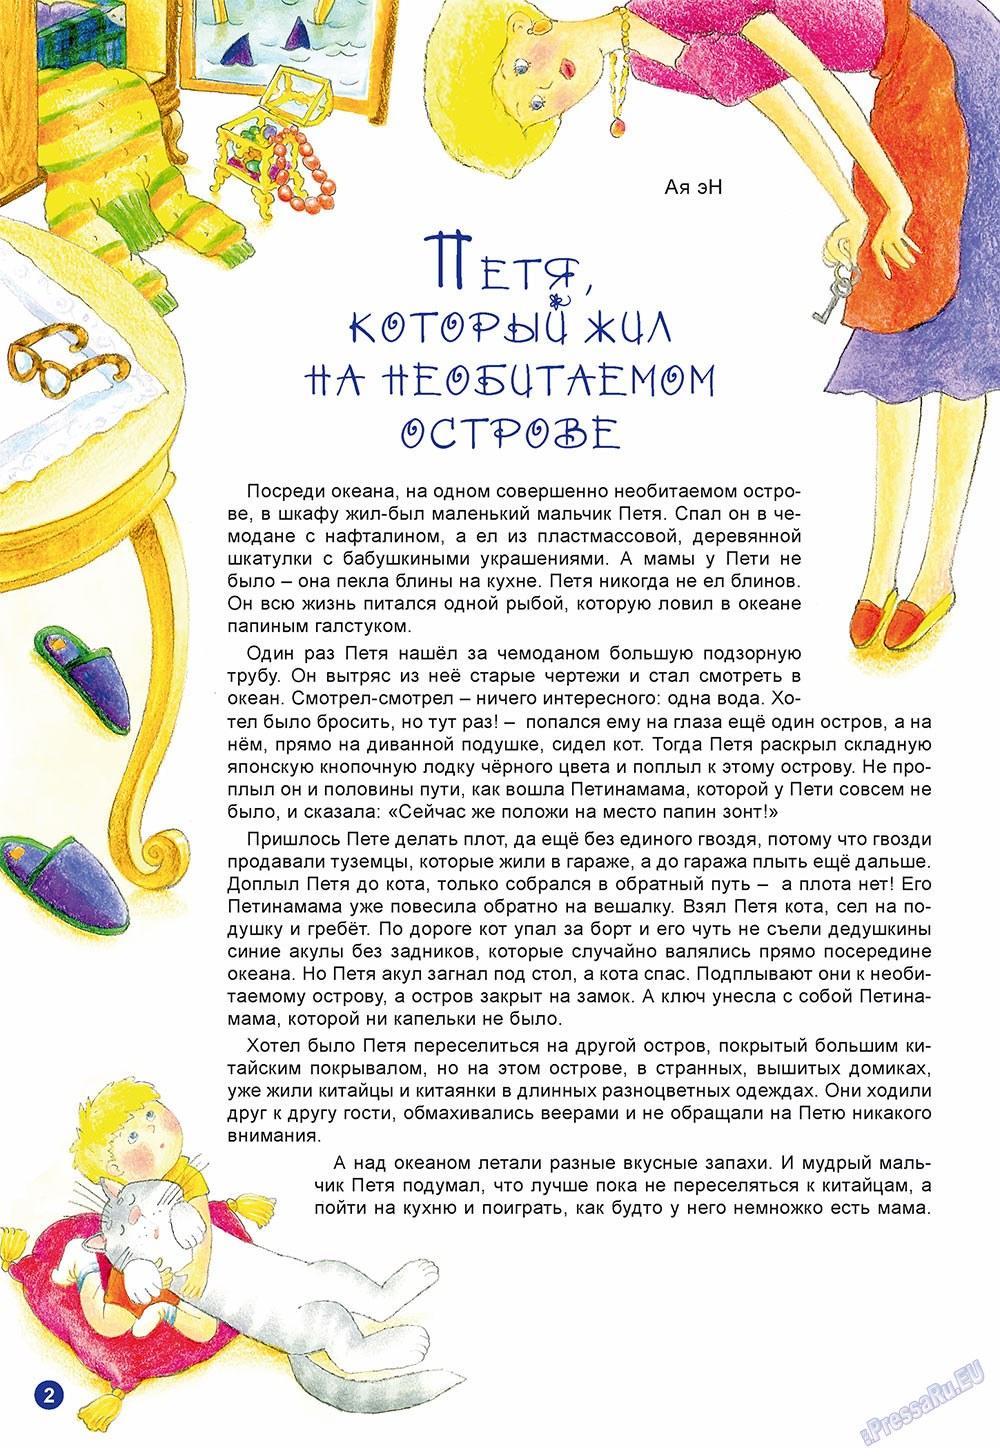 Остров там и тут (журнал). 2009 год, номер 4, стр. 2